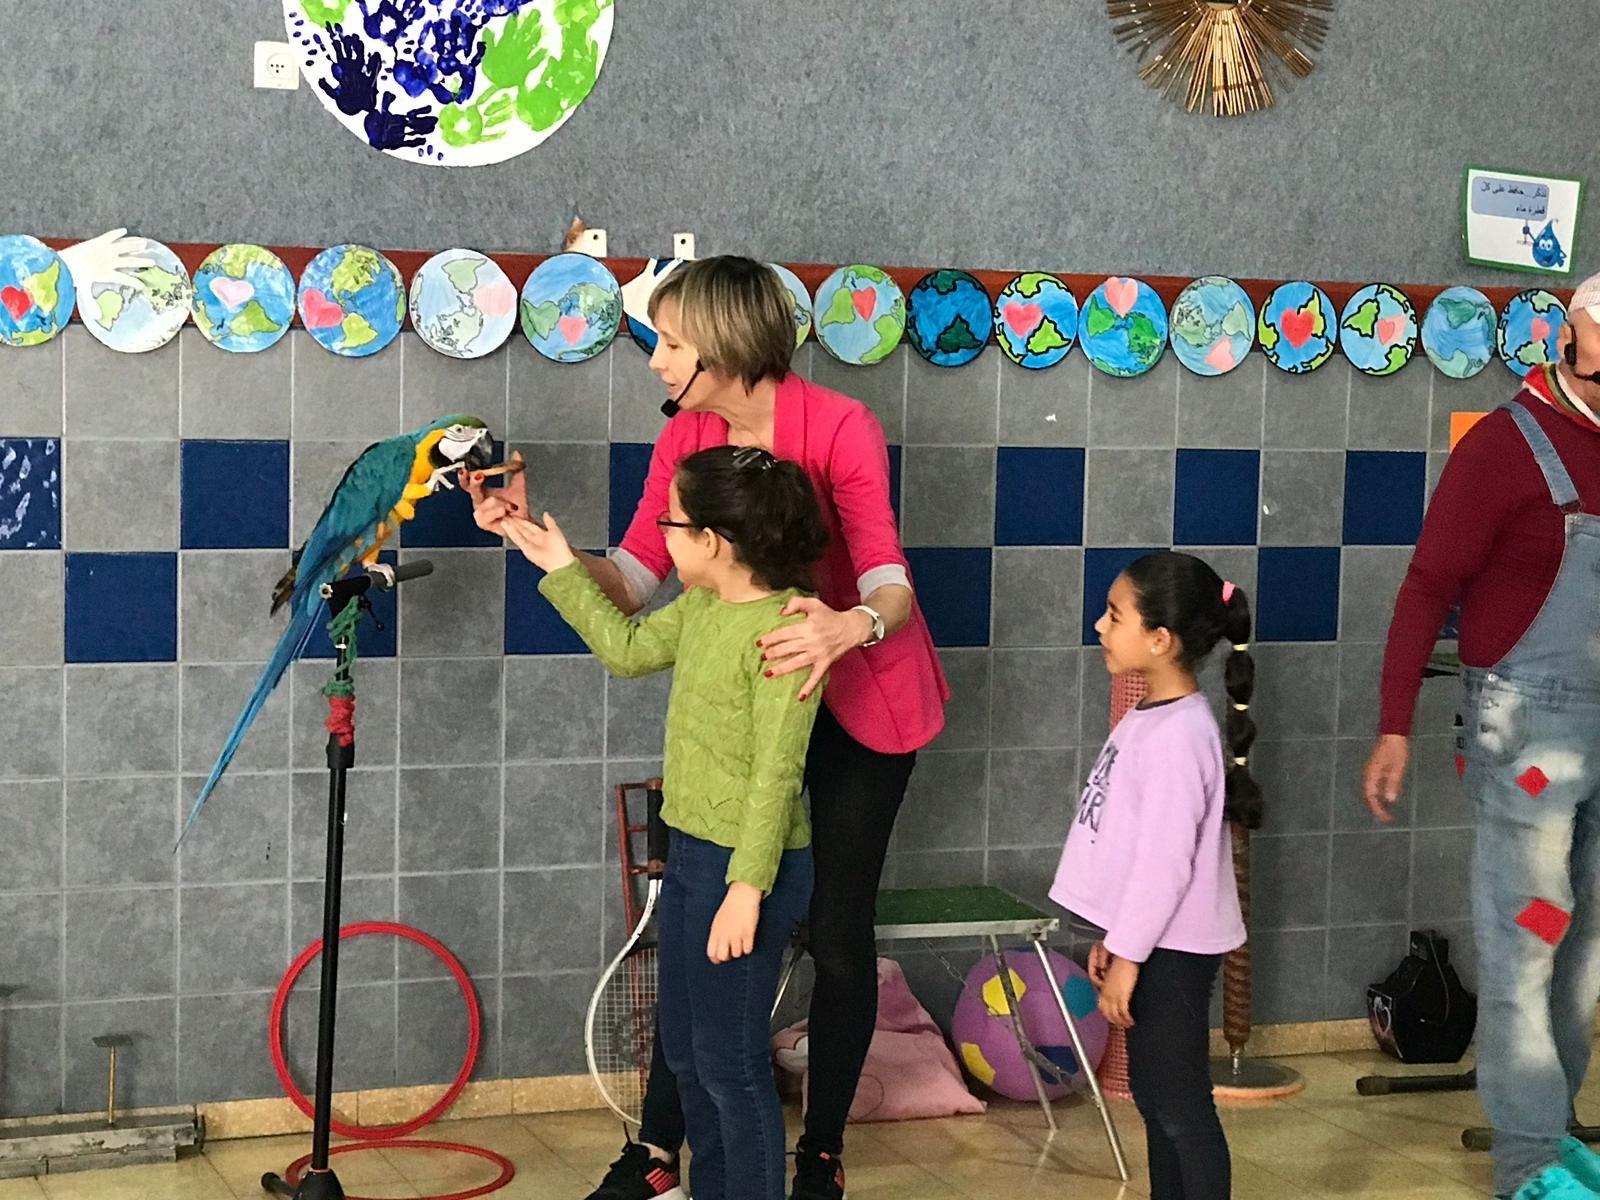 ام الفحم: البلديّة تختتم مخيم الربيع للمدارس الابتدائية ورياض الأطفال